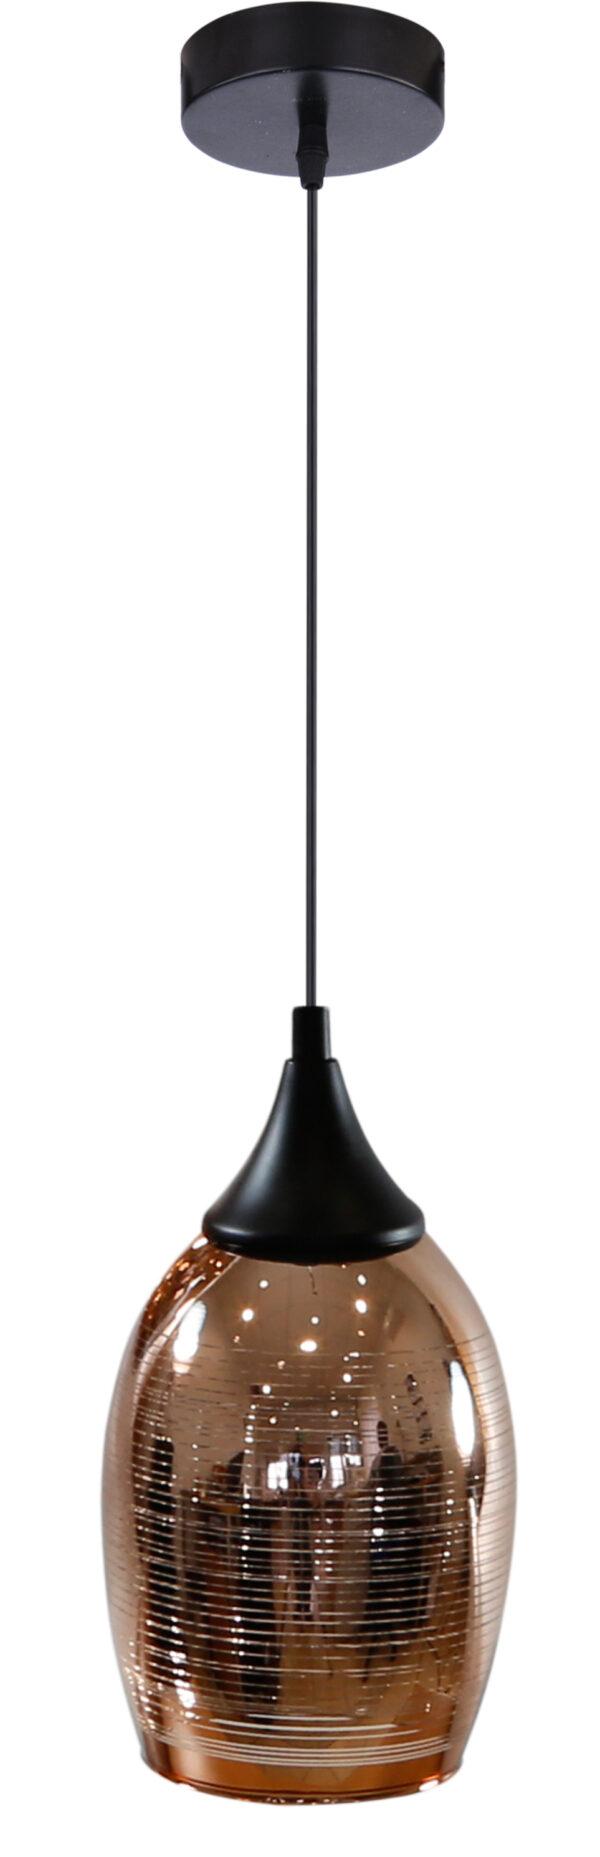 MARINA LAMPA WISZĄCA 14 1X60W E27 MIEDZIANY - 31-51622